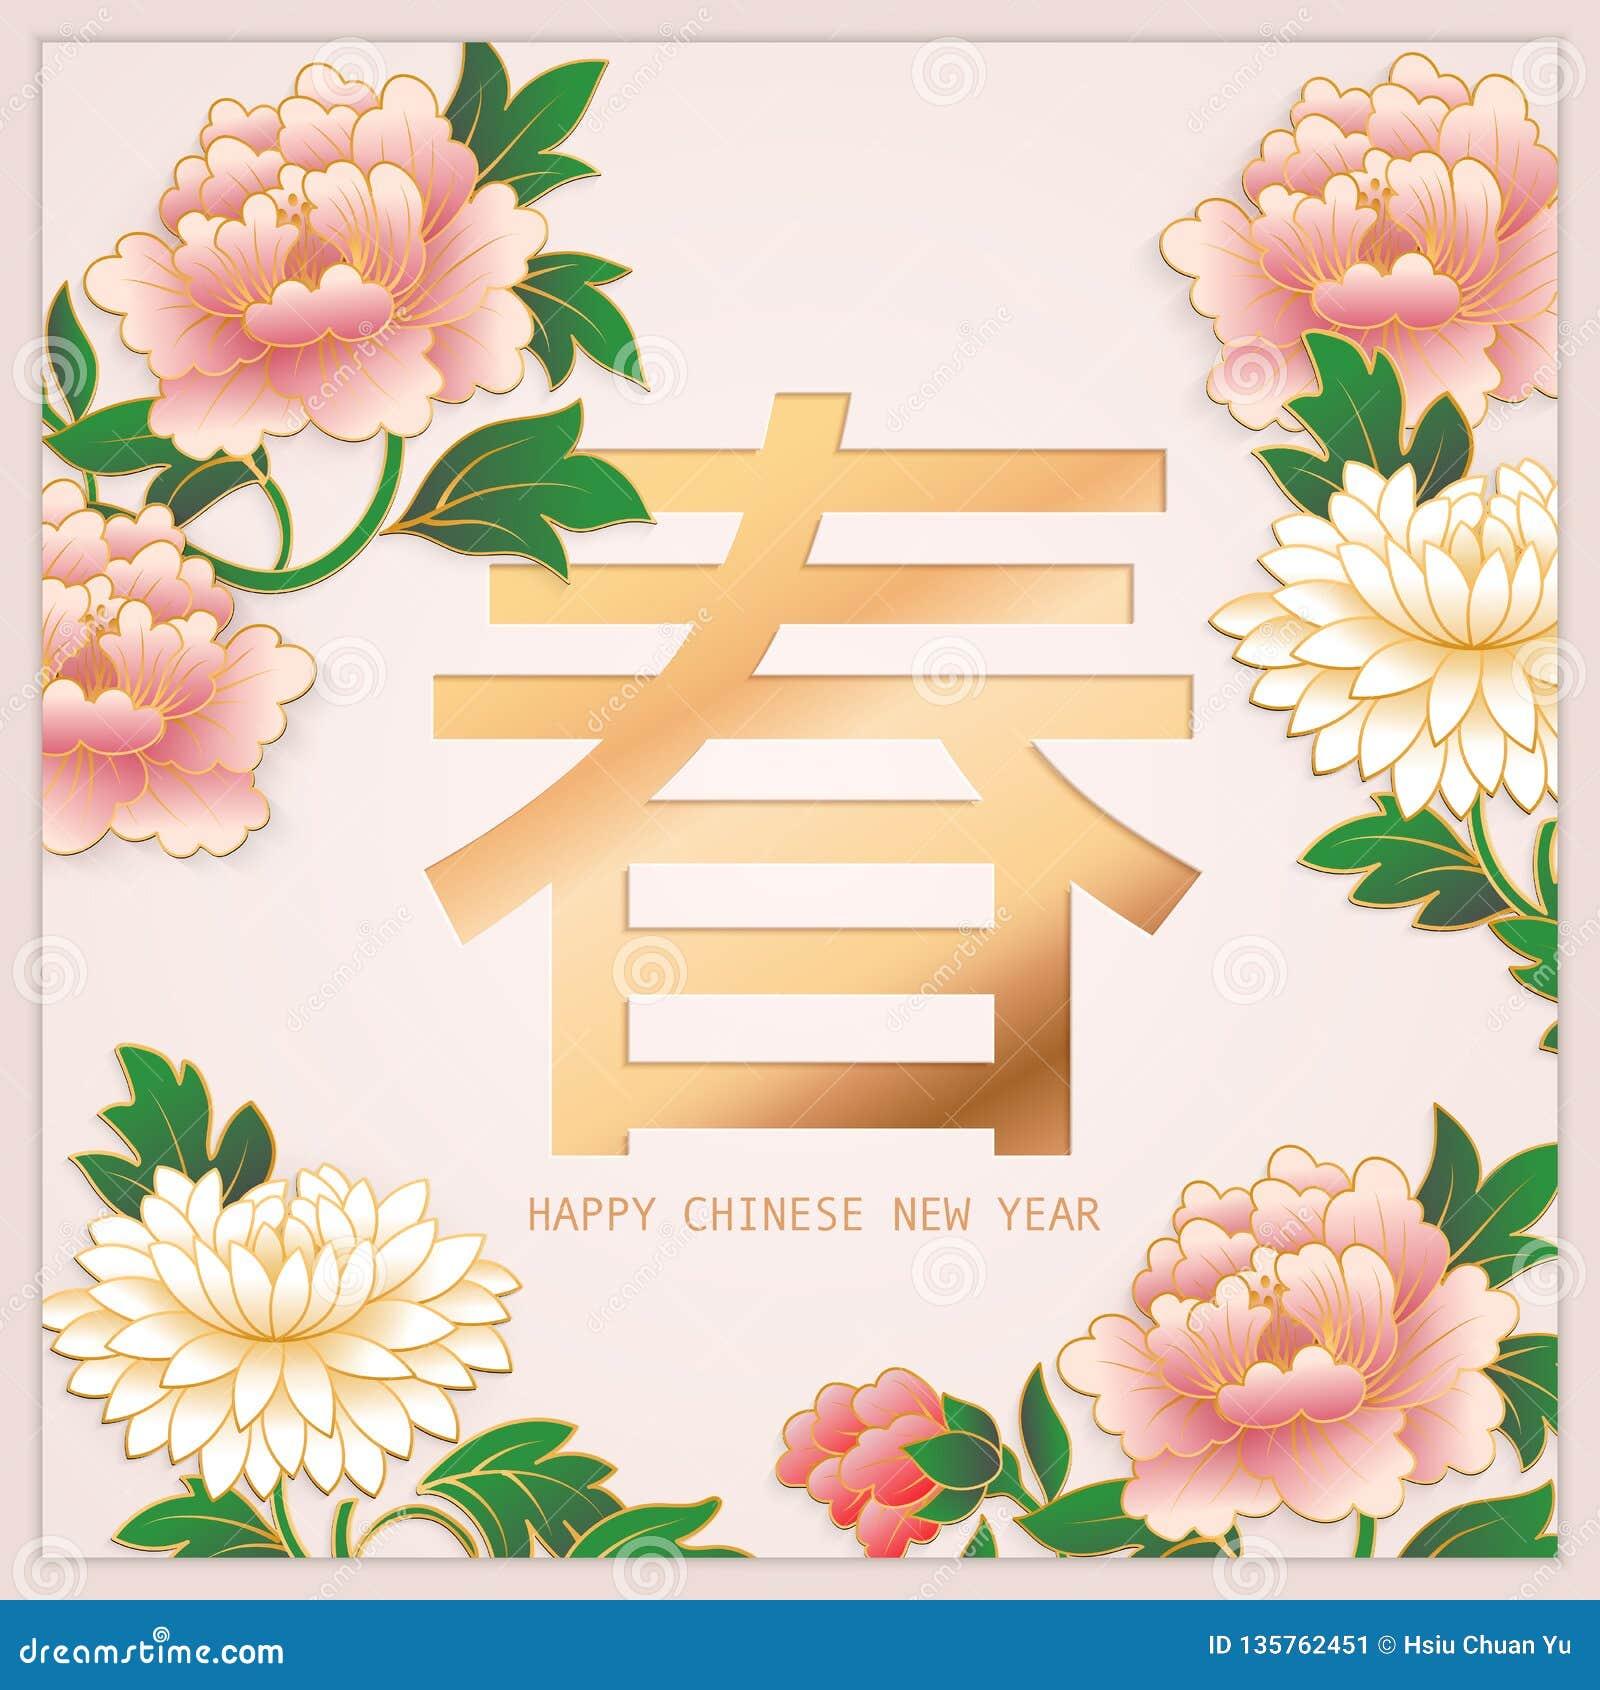 Fiore dorato della peonia del giardino botanico del modello di vettore di sollievo del nuovo anno di progettazione cinese felice